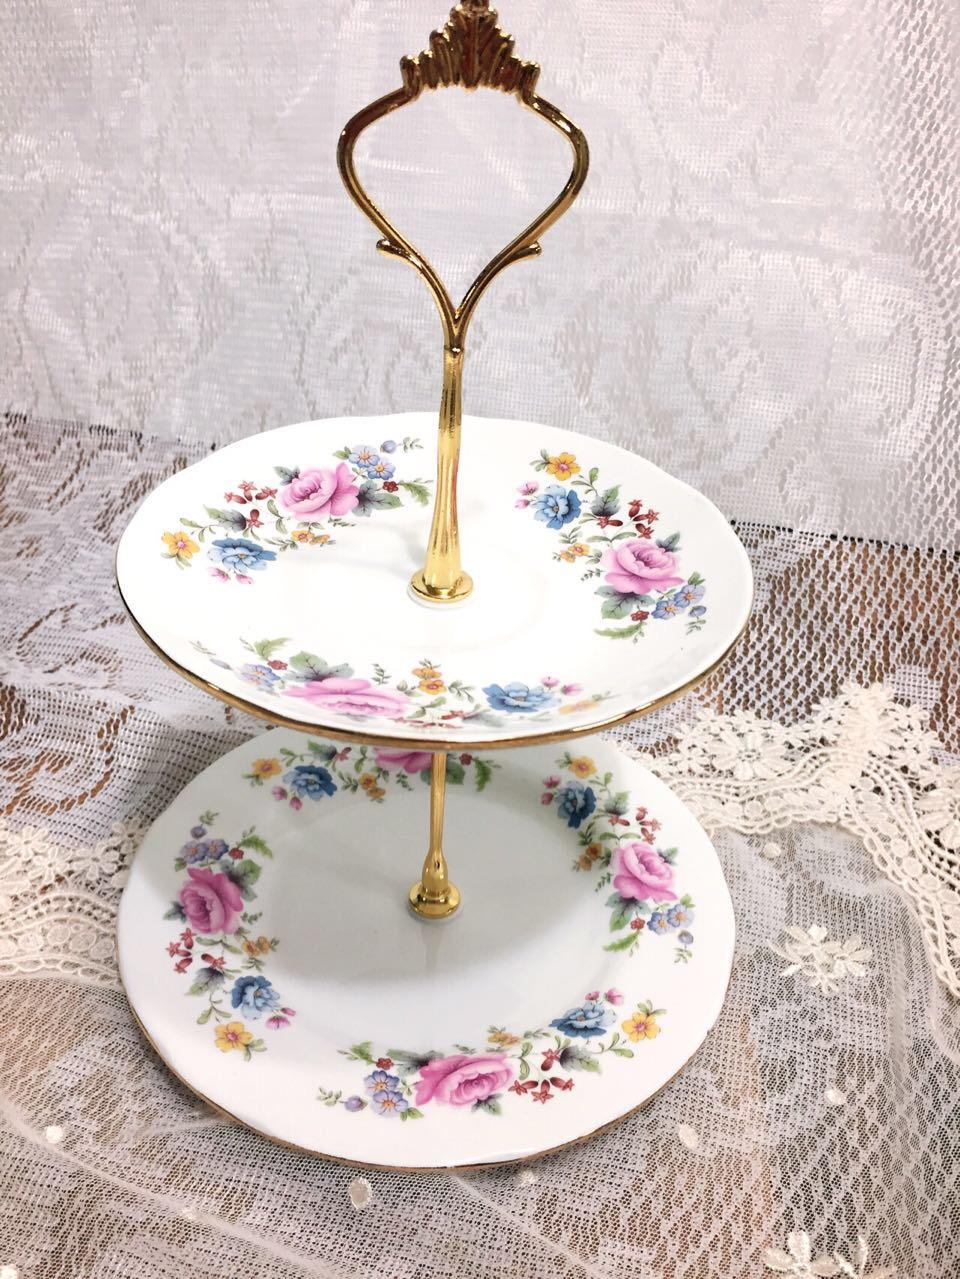 1번 영국 로얄 알버트 2단 접시 꽃무늬가 러블리한 미니 케이크 스탠드 사이즈 밑접시 16, 윗접시 14, 높이23.5cm   2번  ...